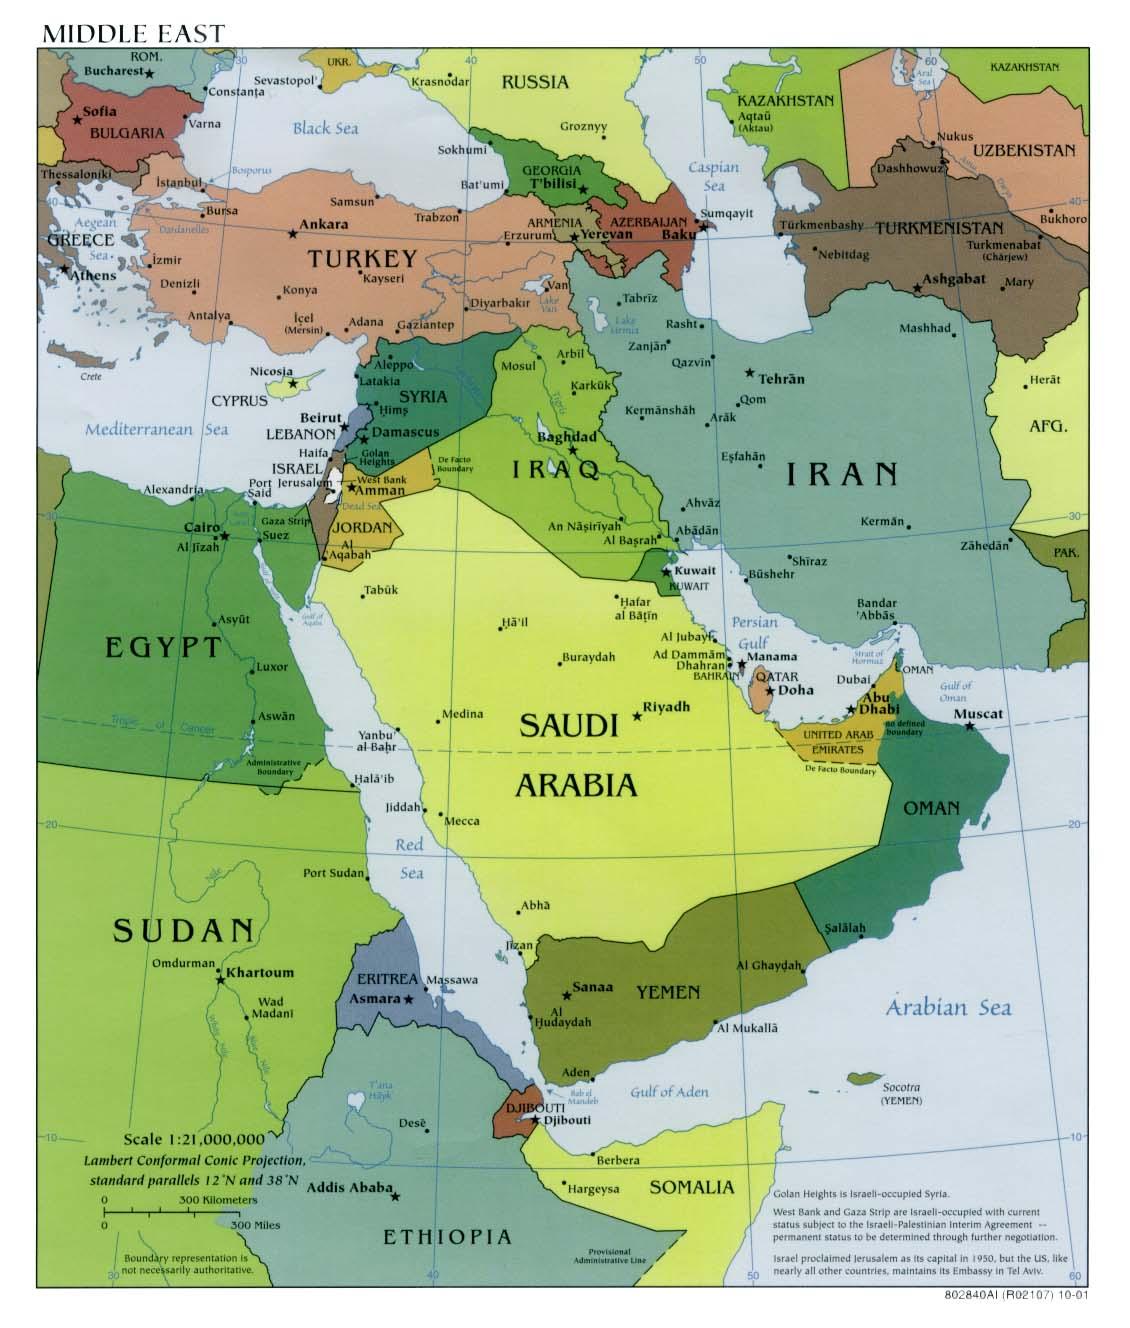 Mapa Politico de Oriente Medio 2001